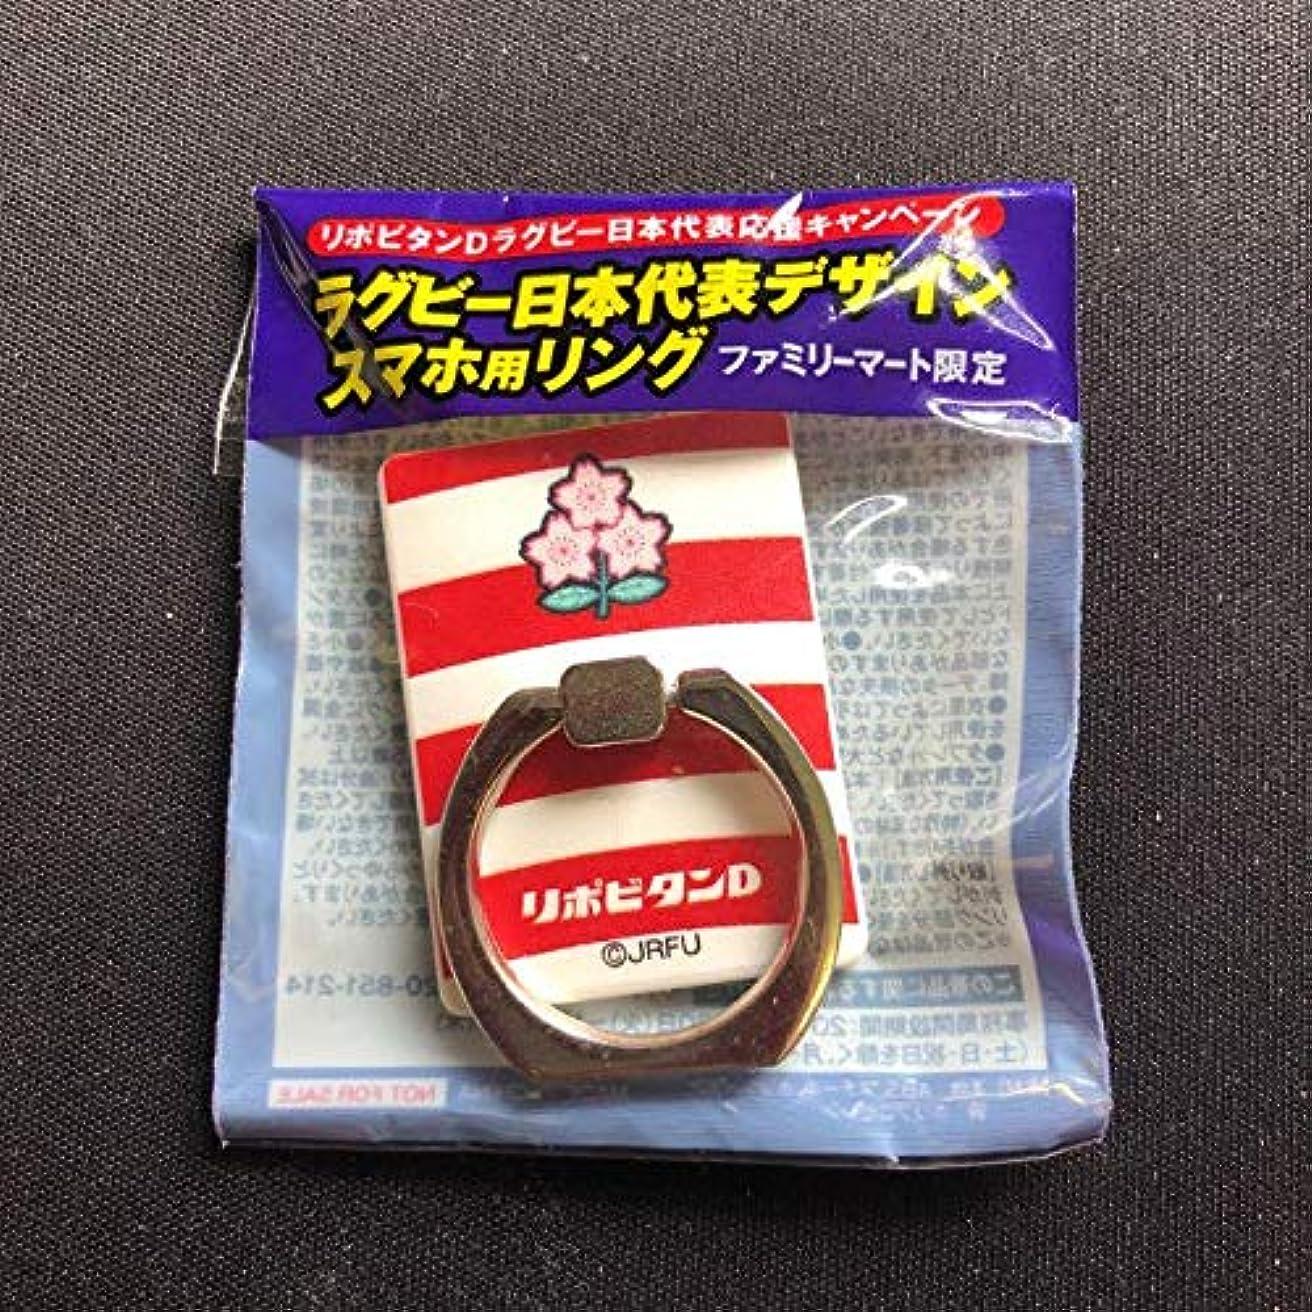 かどうか森林油ラグビー日本代表ジャージ スマホリング